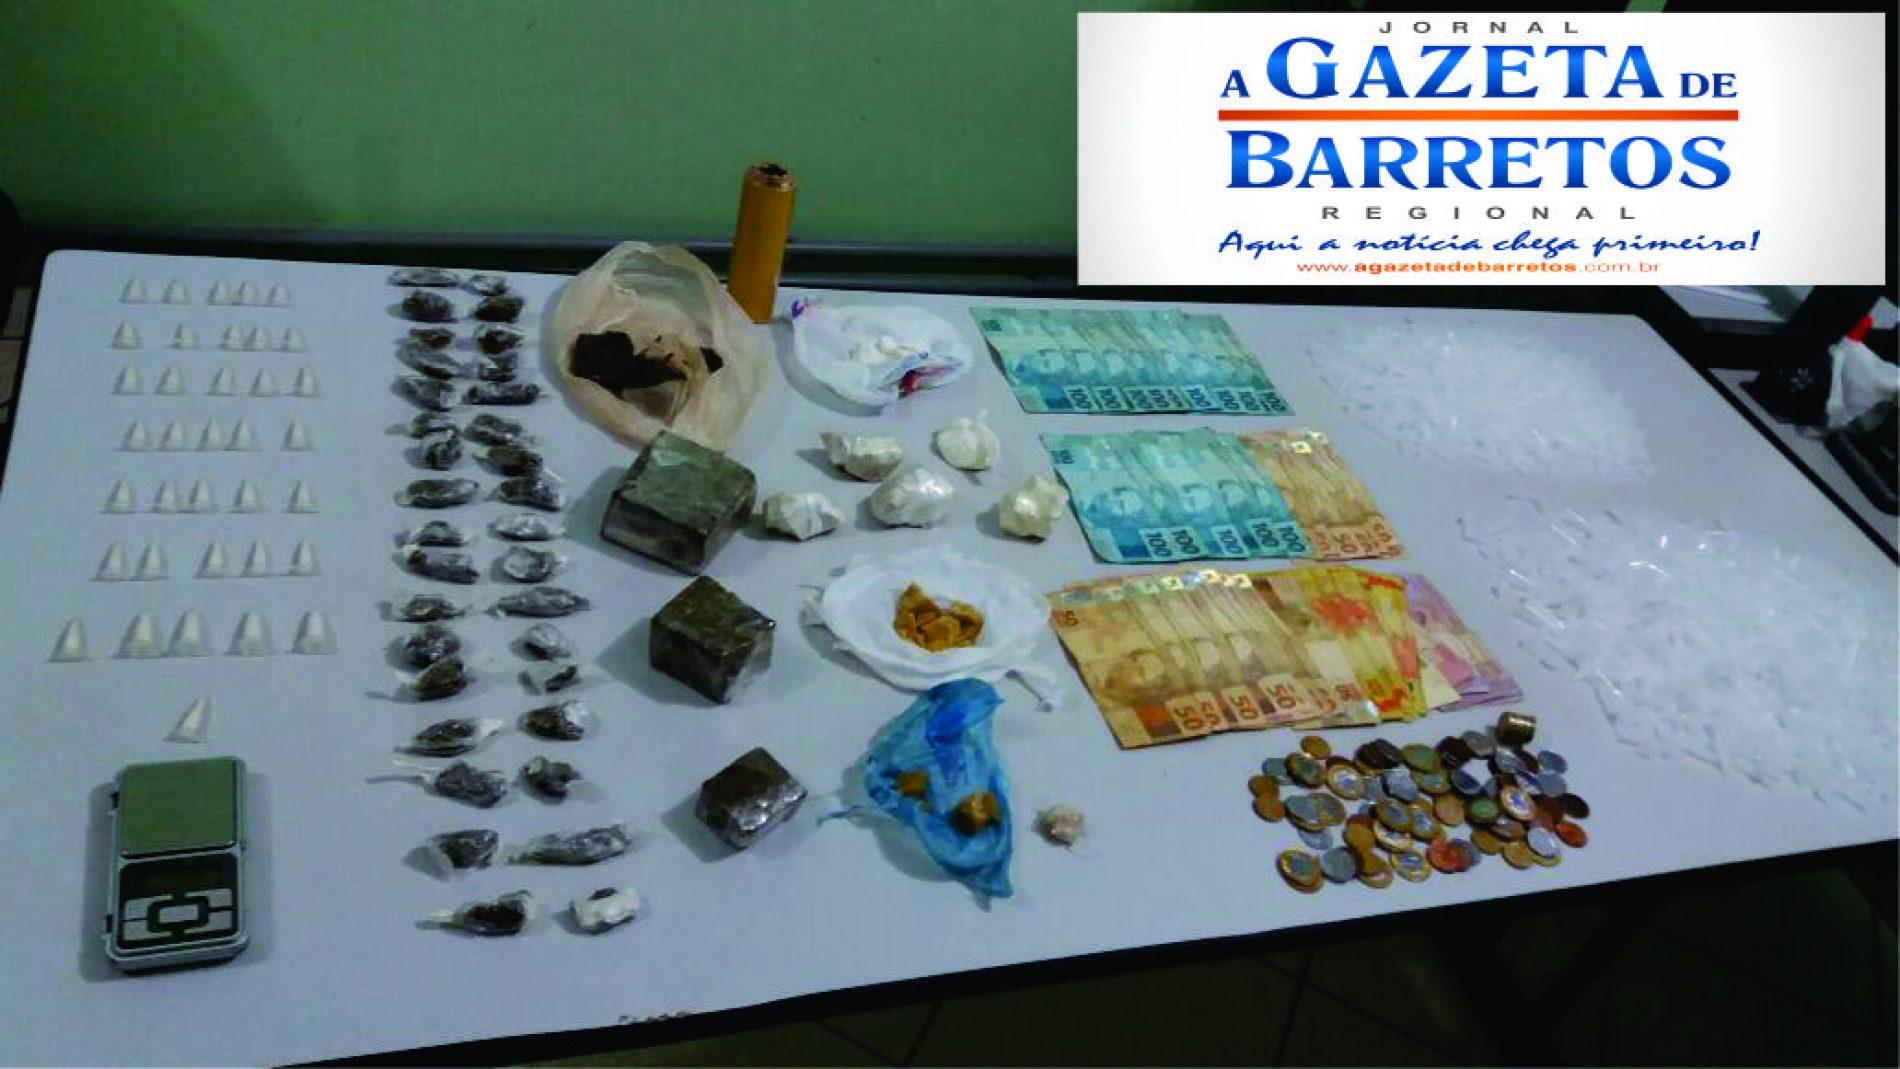 NOTICIAS POLICIAIS: Força Tática prende dois por tráfico e apreende quase meio quilo de drogas e três mil reais em dinheiro